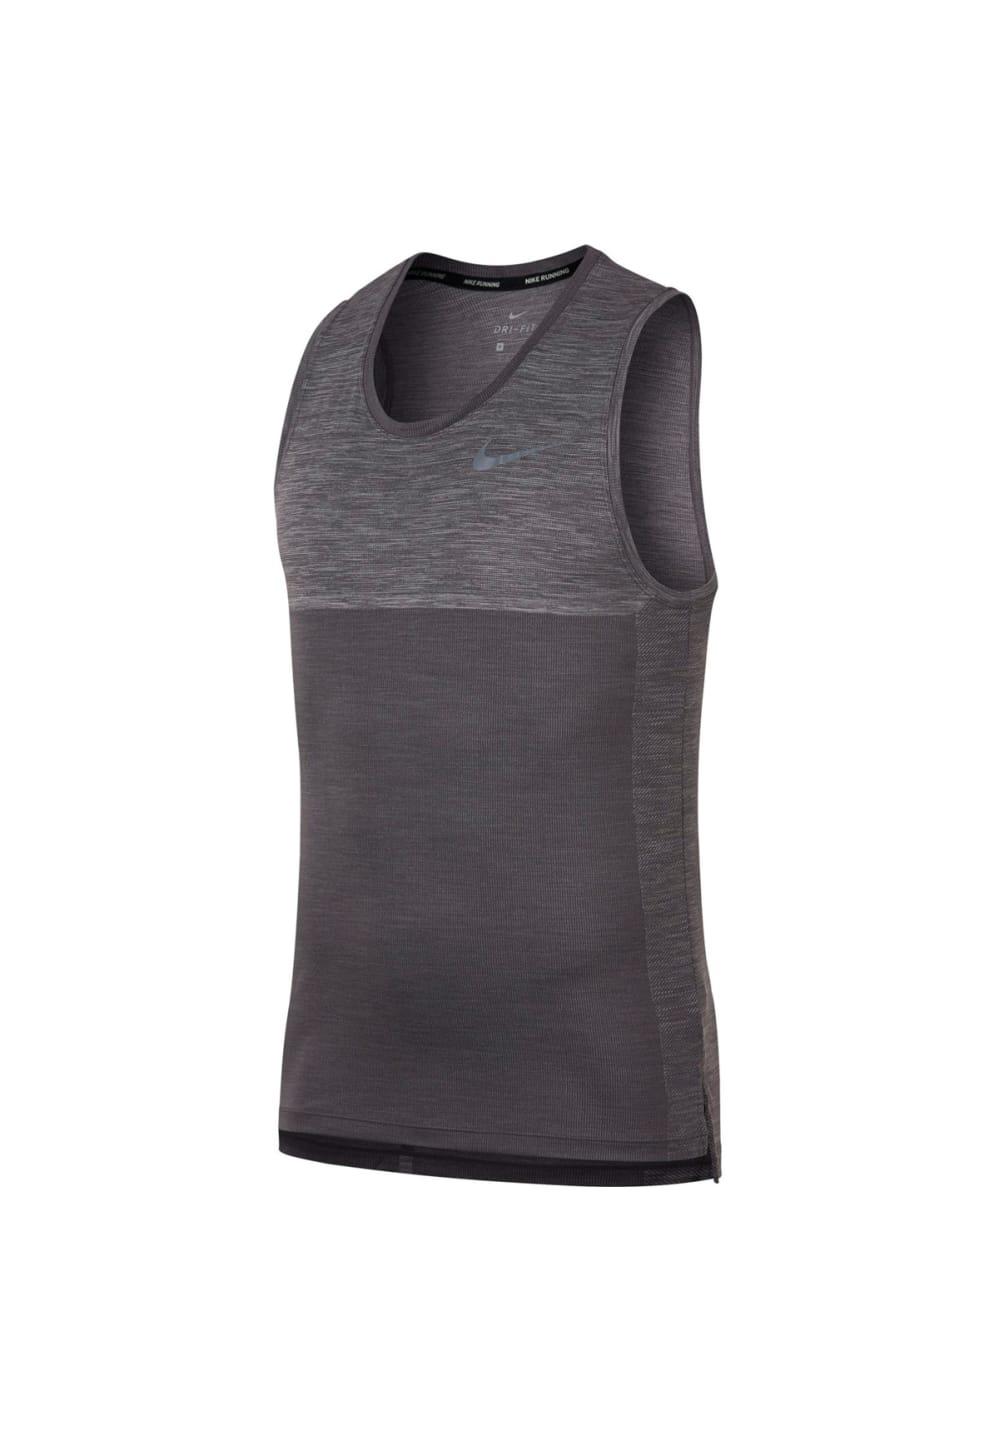 Nike Dry Medalist Running Tank Laufshirts für Herren Grau